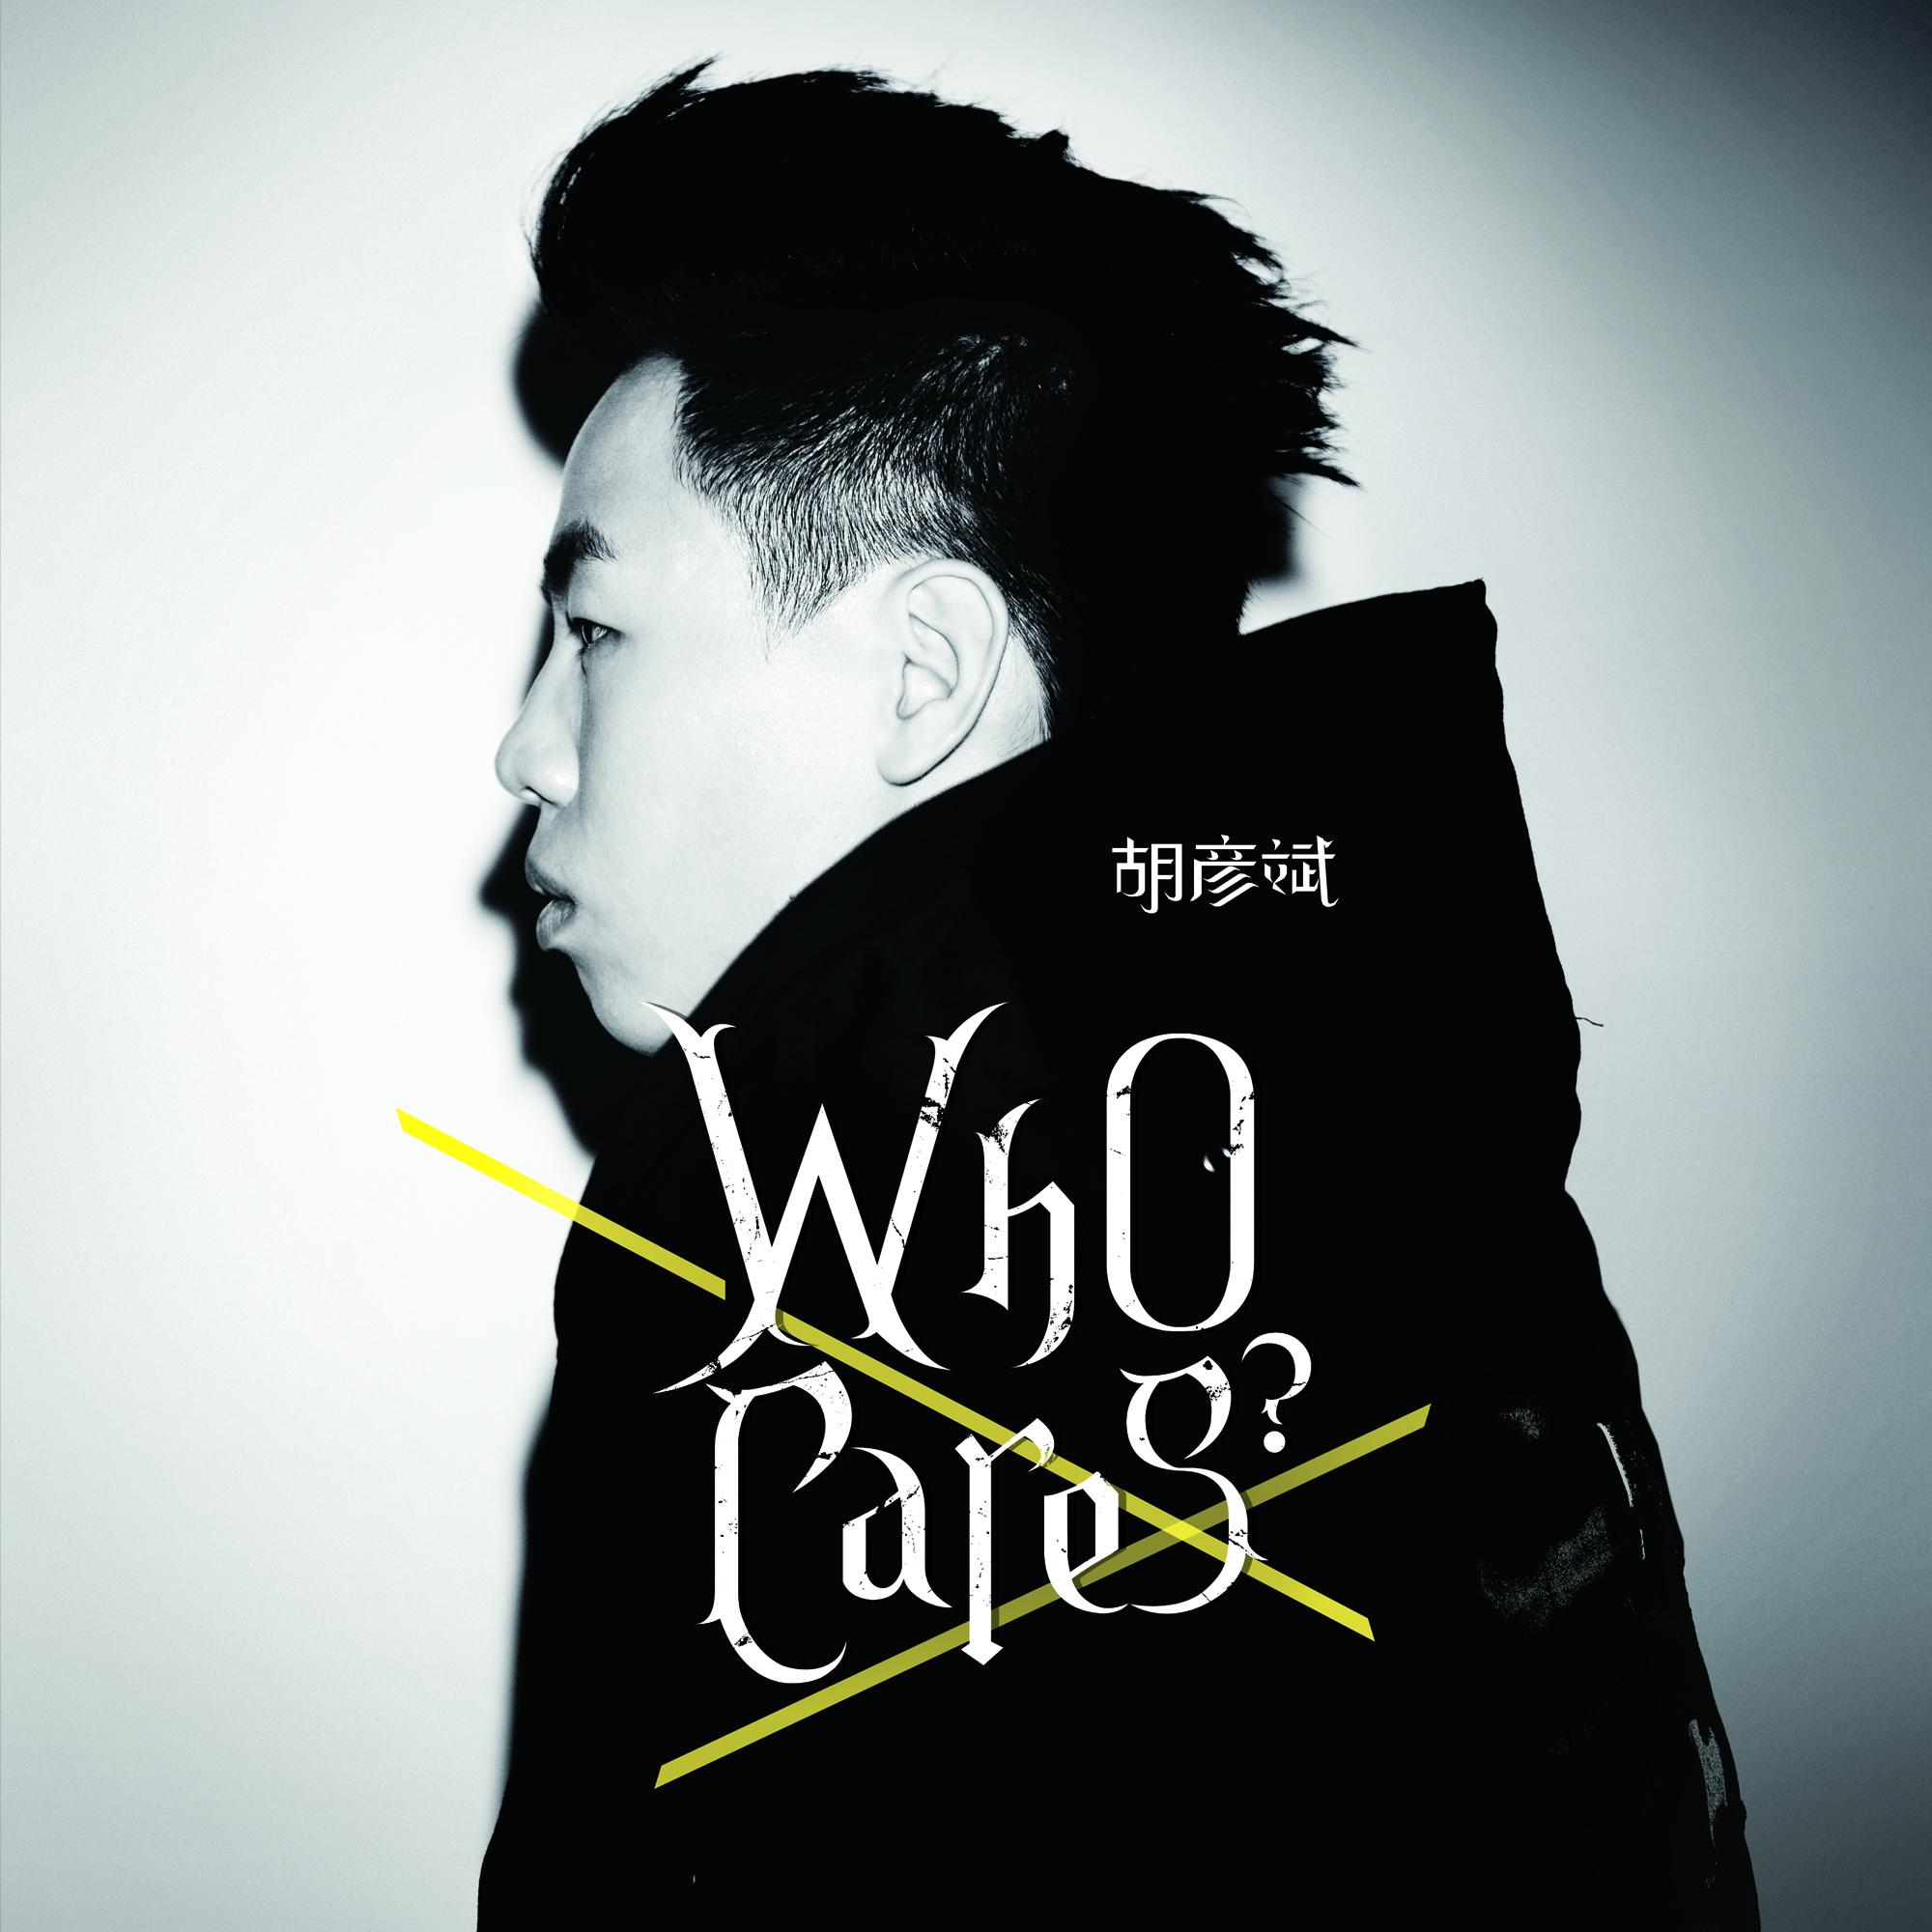 胡彦斌 Who Cares